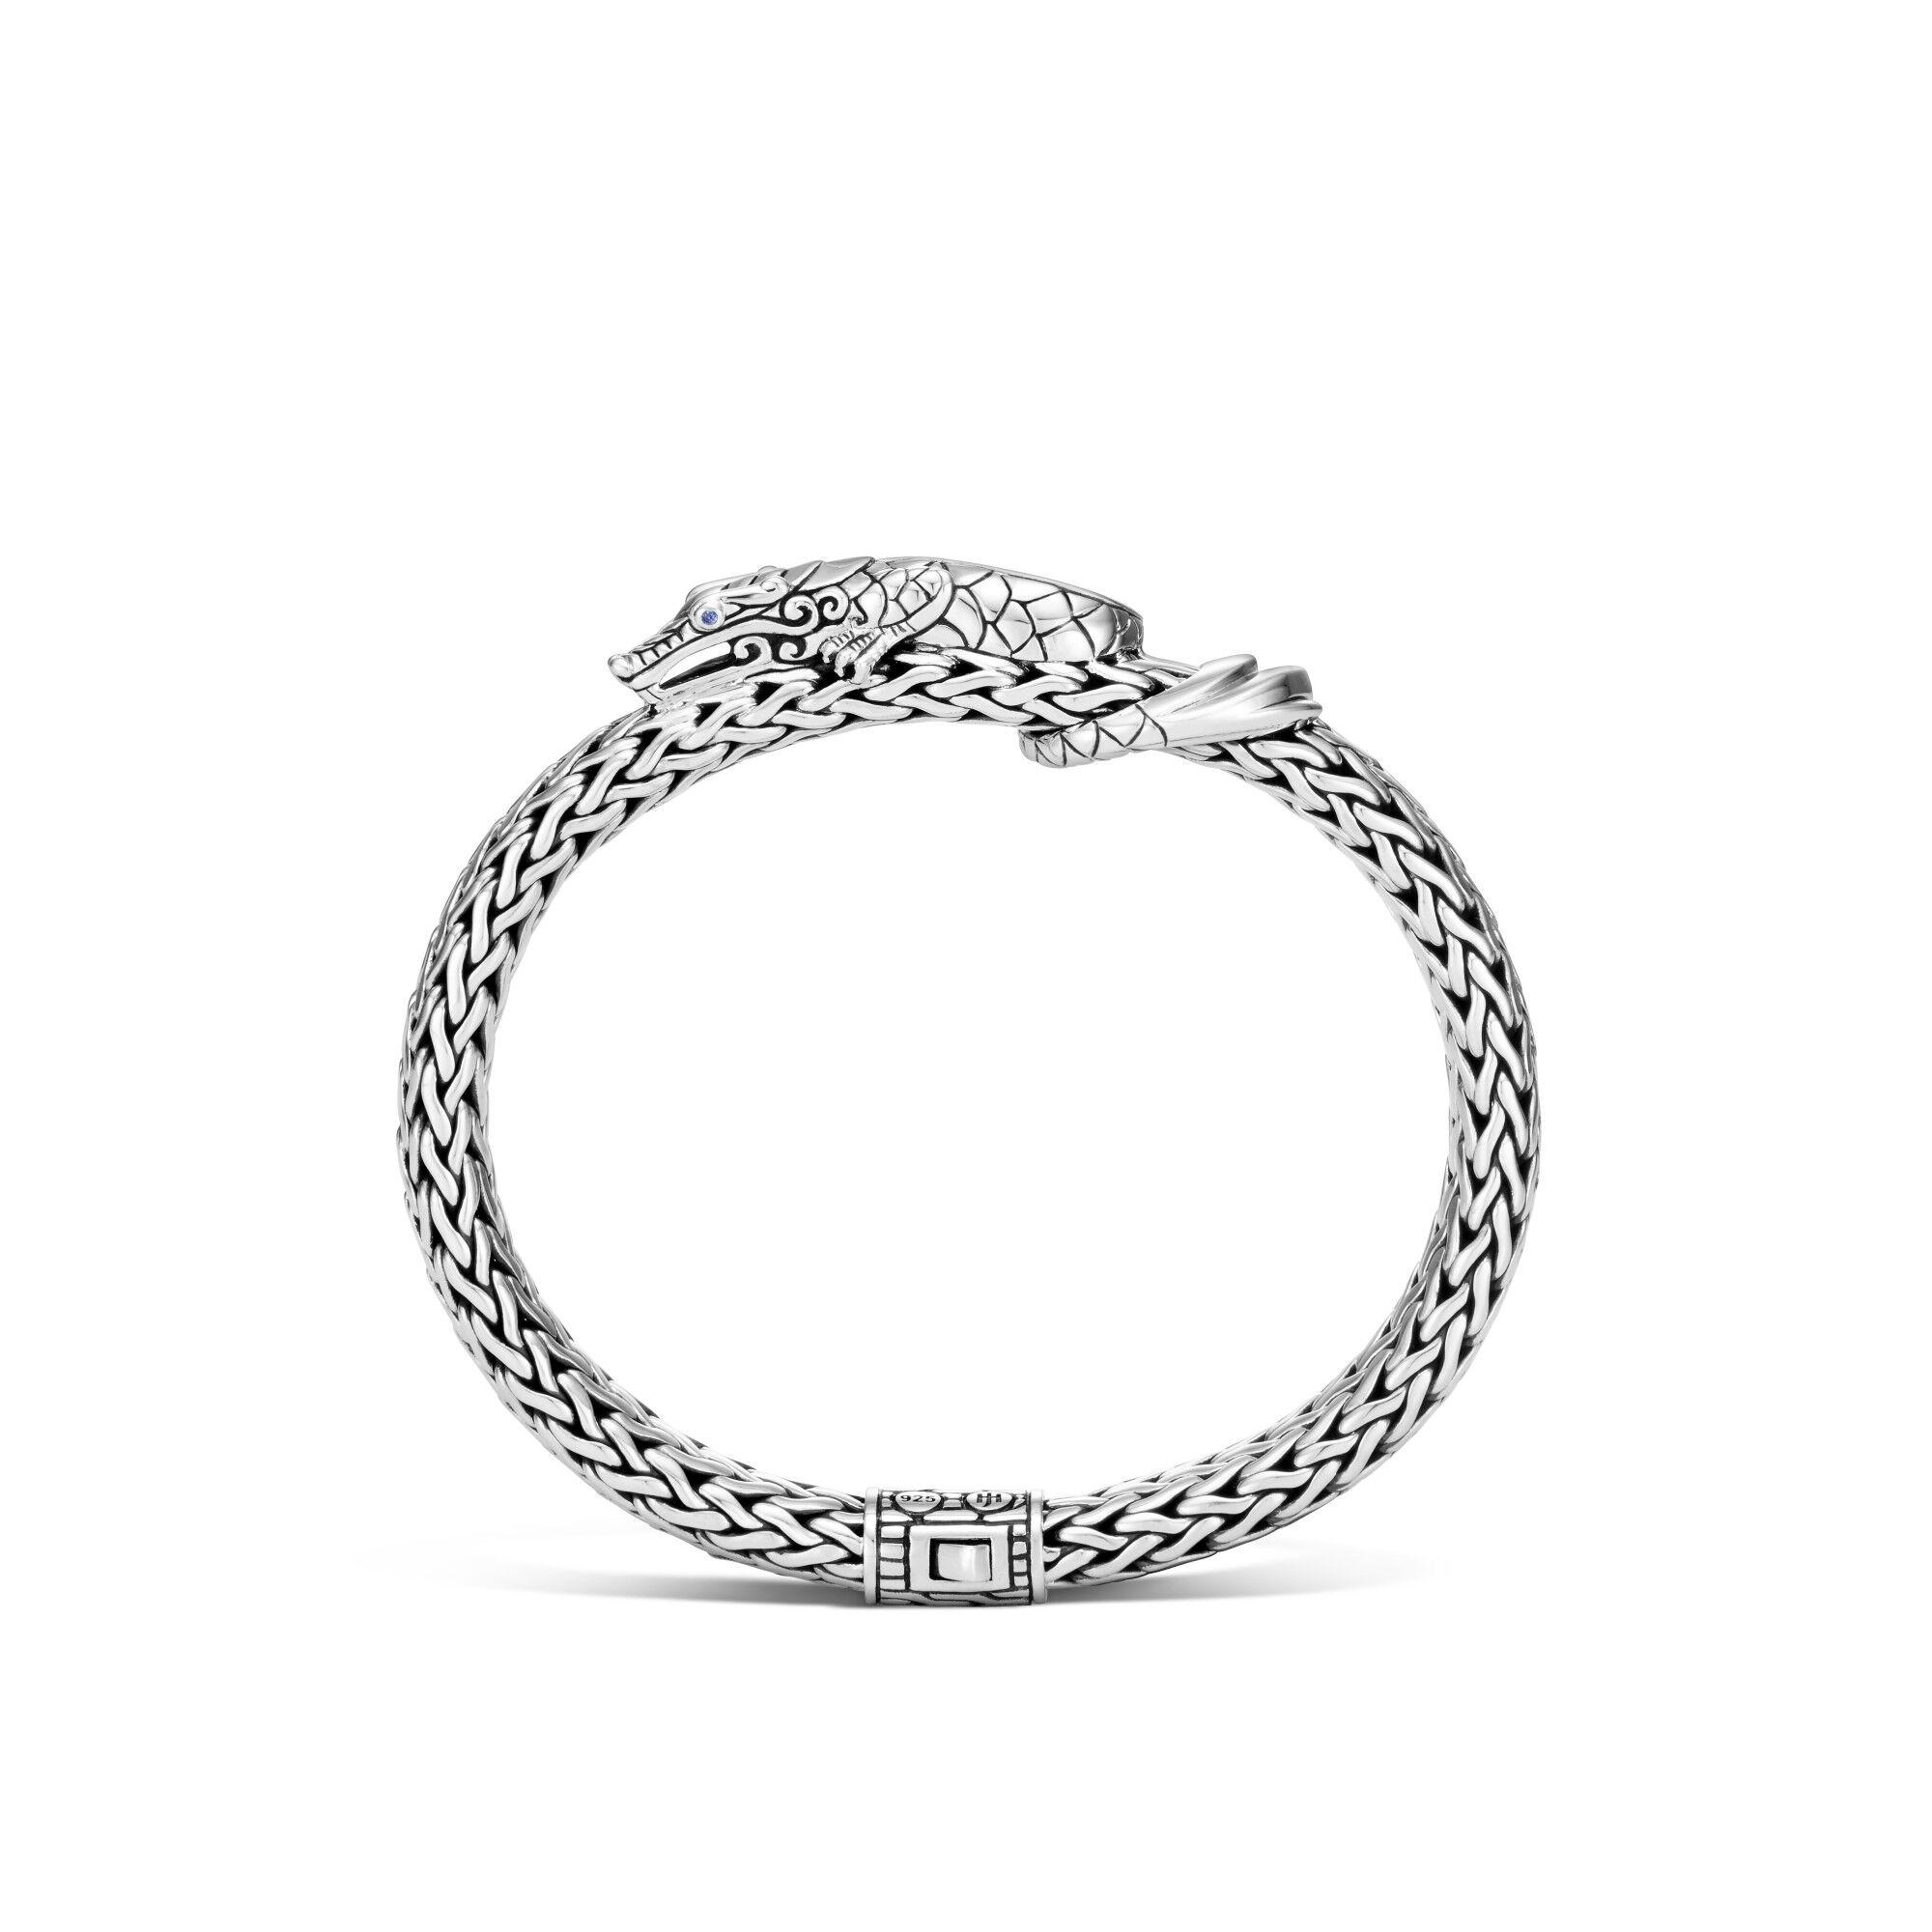 Legends Naga Station Bracelet in Silver, , large